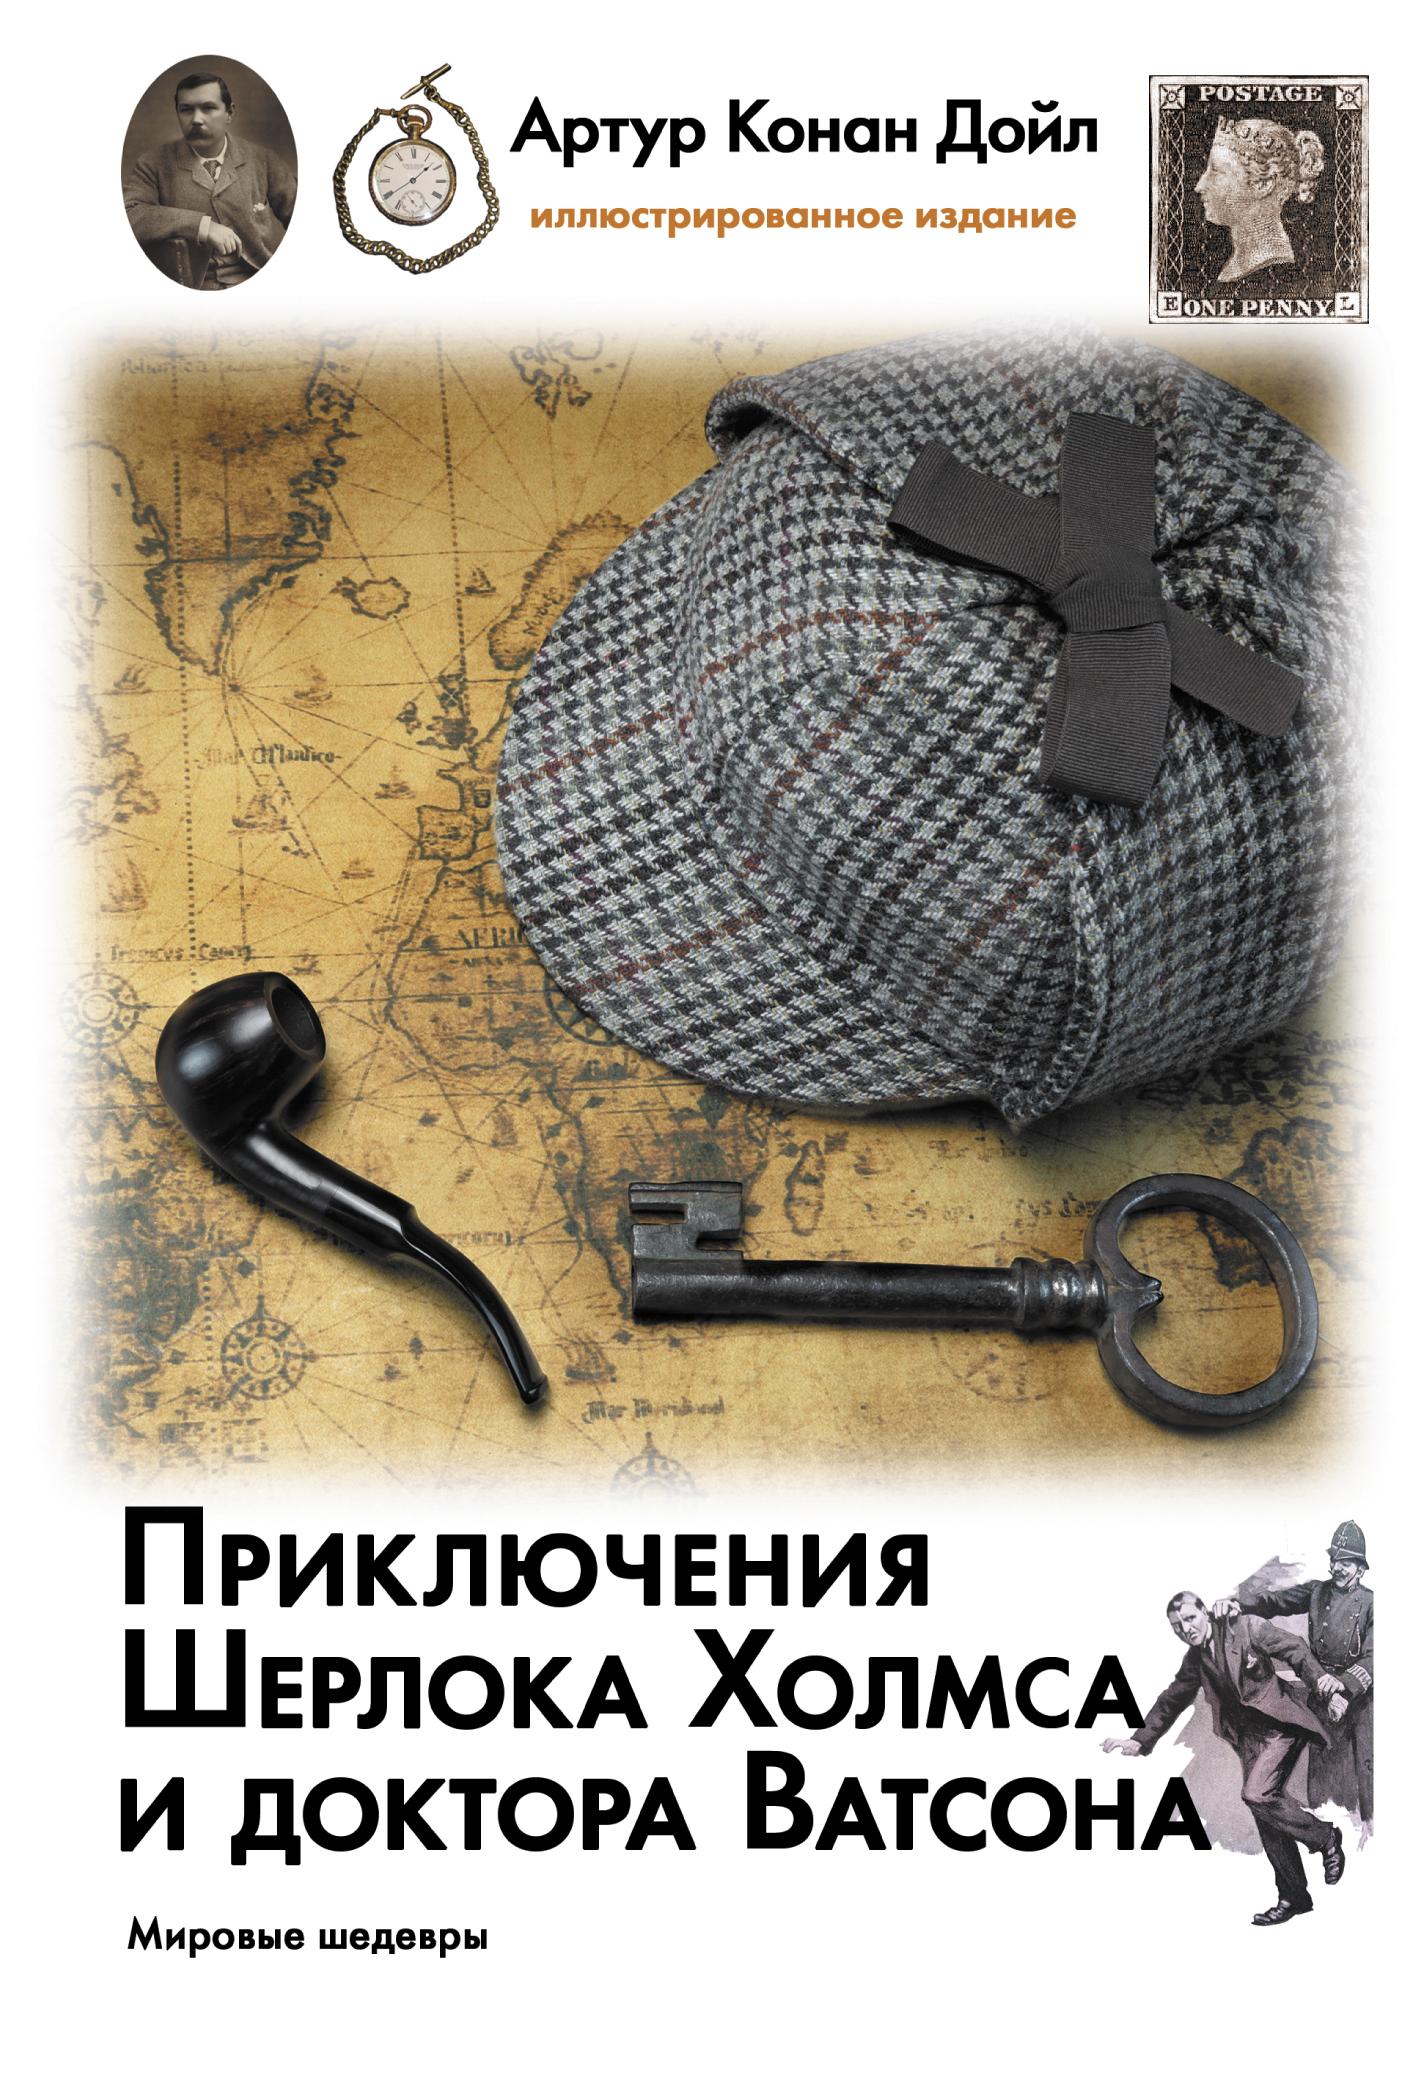 Артур Конан Дойл Приключения Шерлока Холмса и доктора Ватсона артур конан дойл приключения шерлока холмса